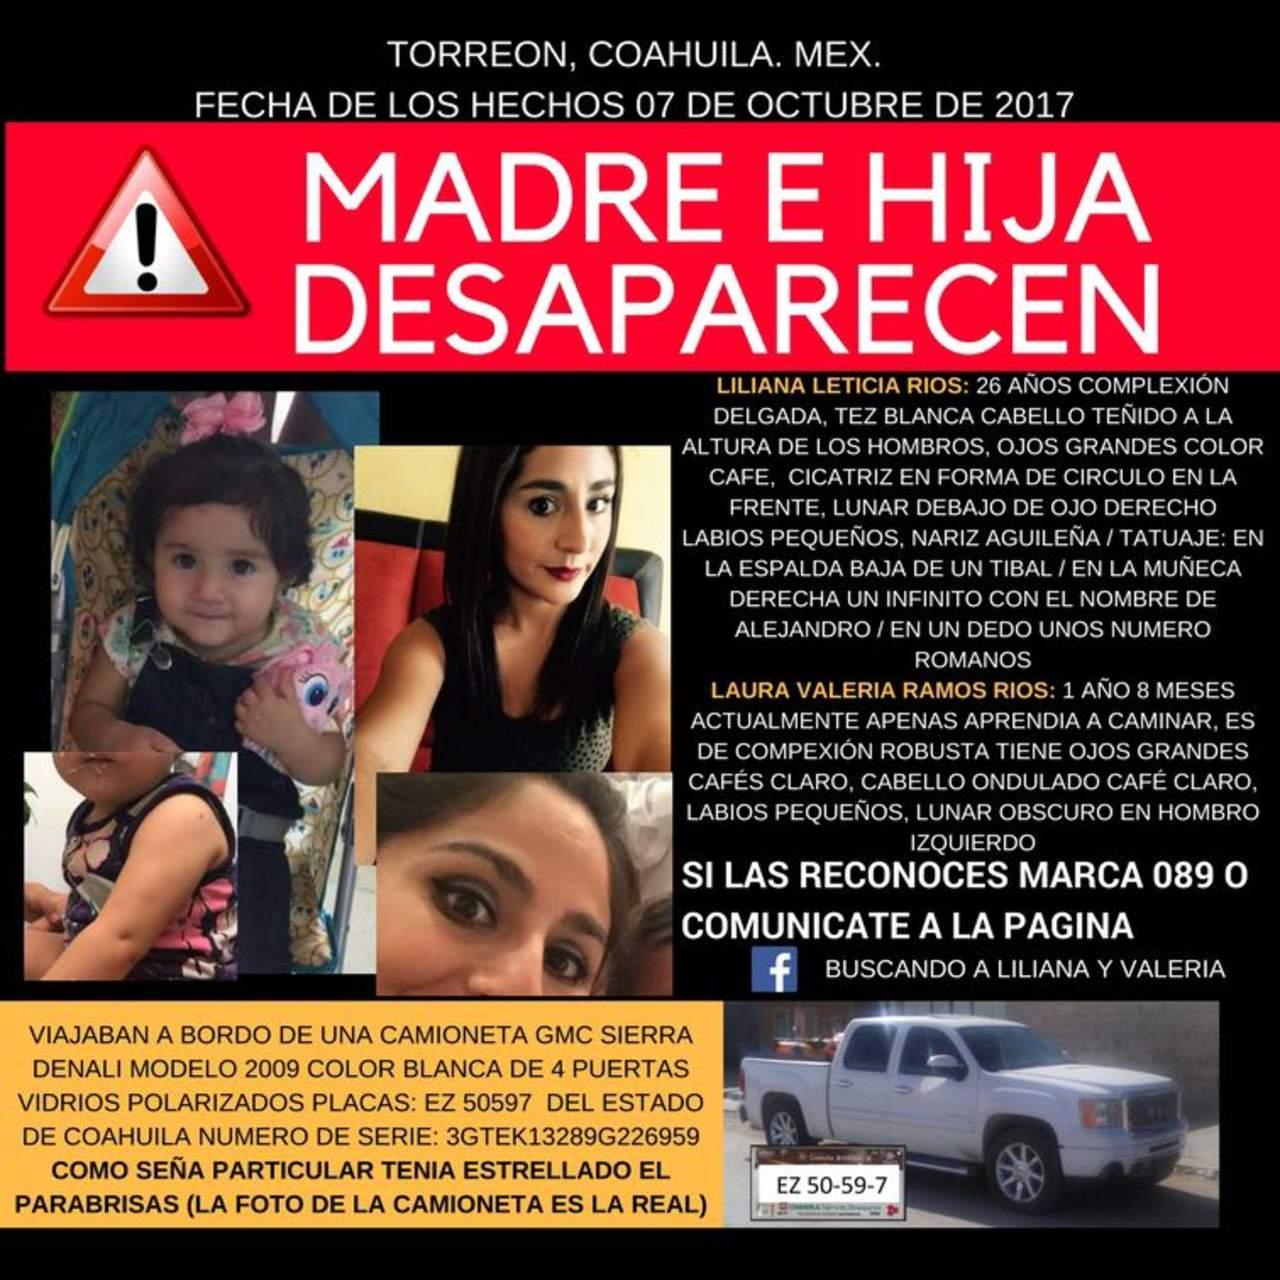 Invitan a marcha para exigir la aparición con vida de madre e hija. Noticias en tiempo real